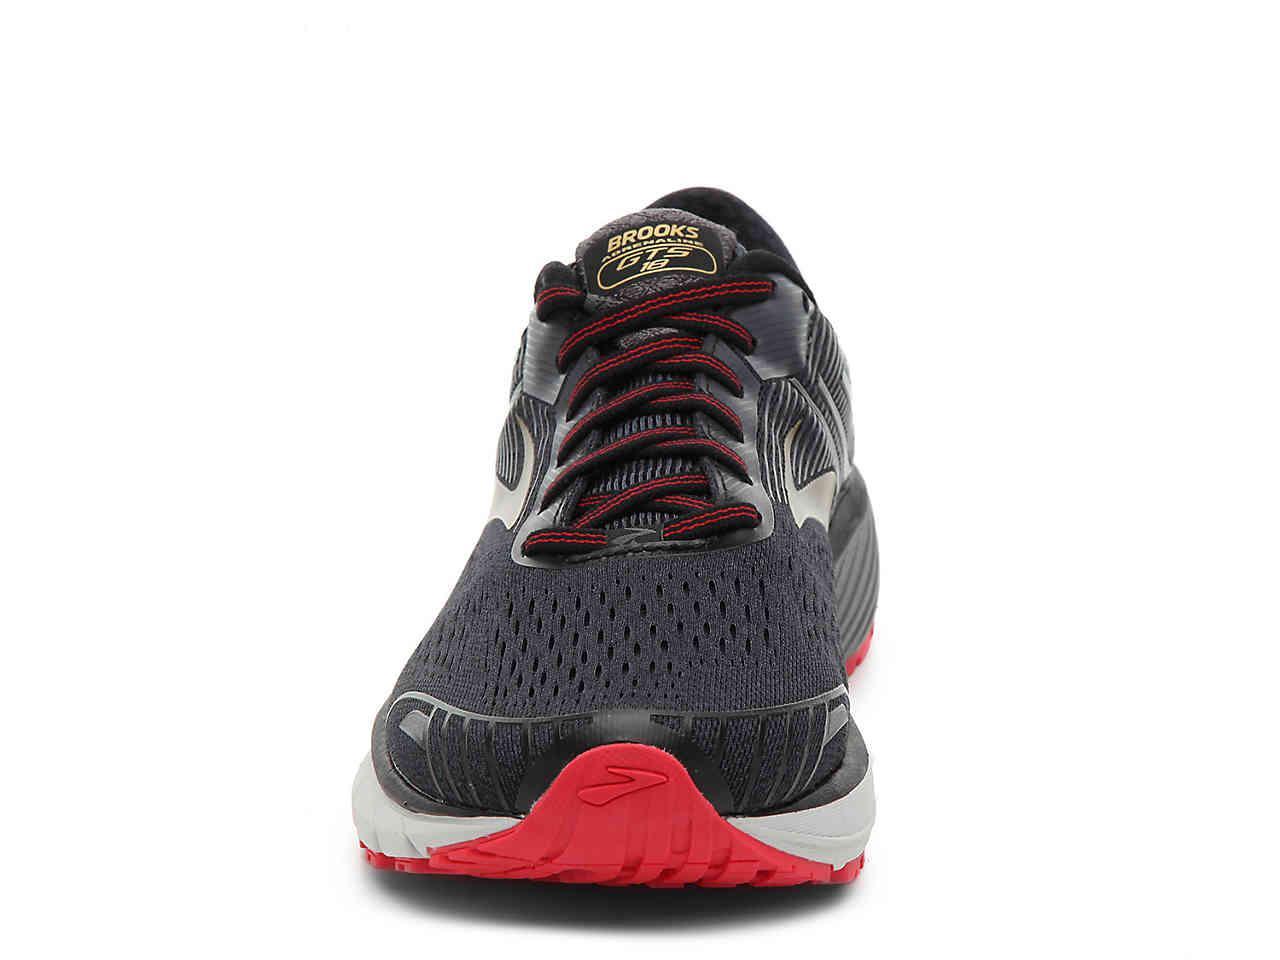 c33e3ba44b125 Lyst - Brooks Adrenaline Gts 18 Lightweight Running Shoe in Blue for Men